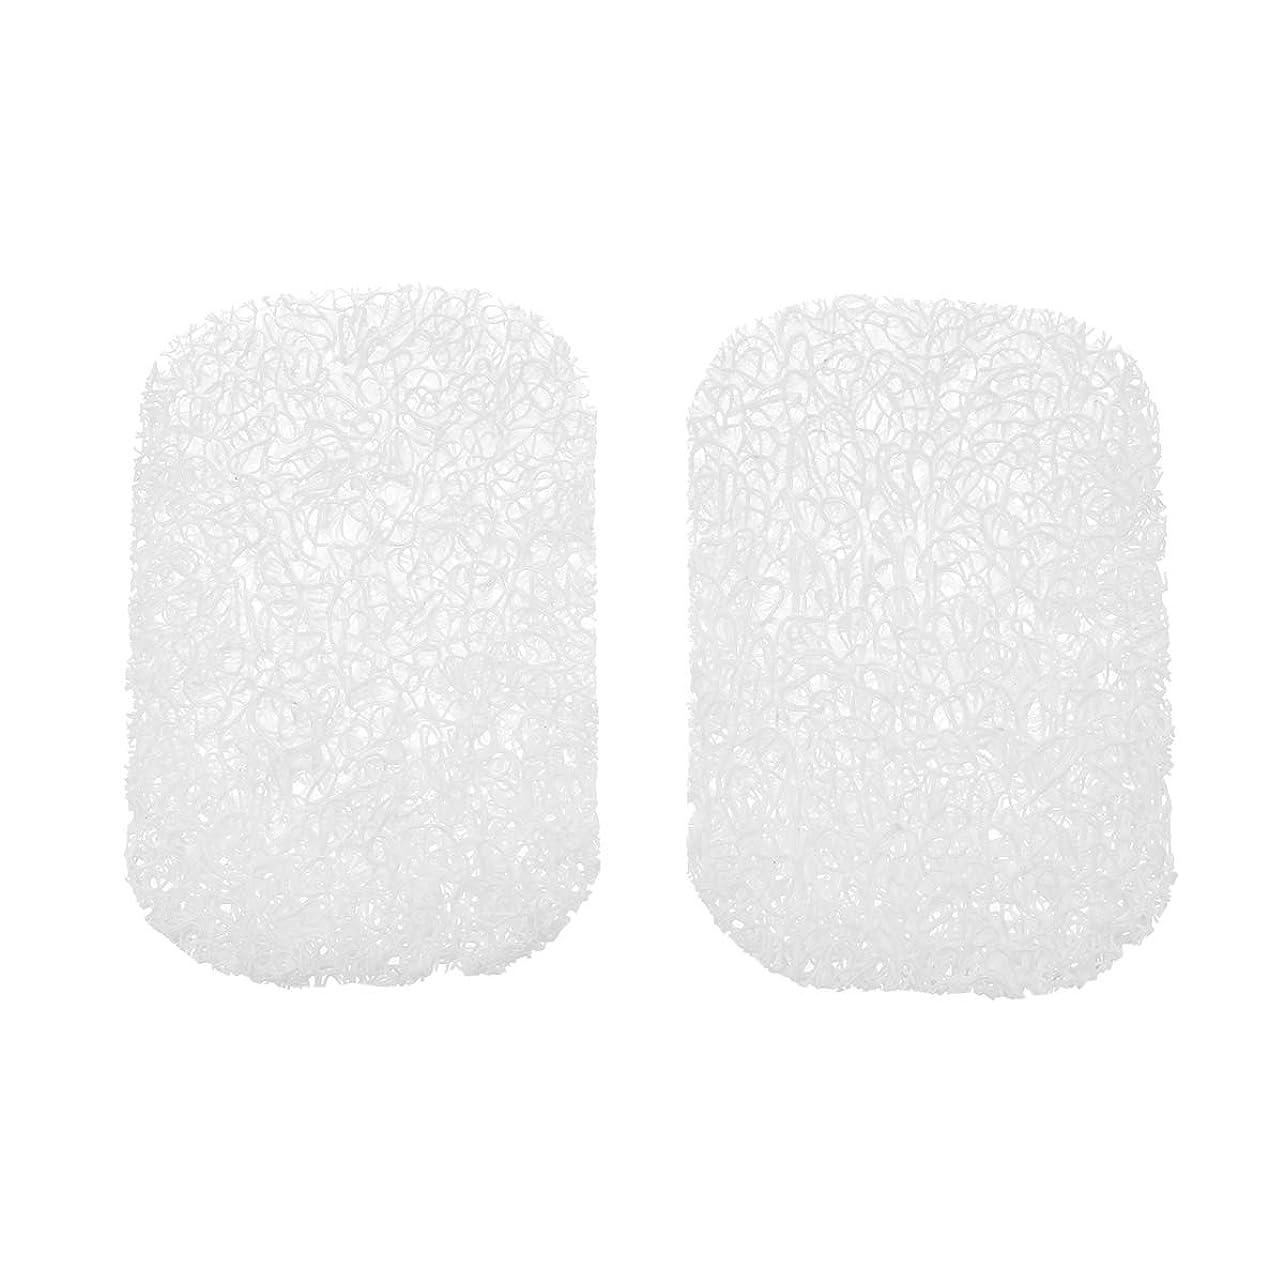 加速する熟考するステンレスHealifty 石鹸トレイ滑り止め日常用ソープホルダー10個入(白)